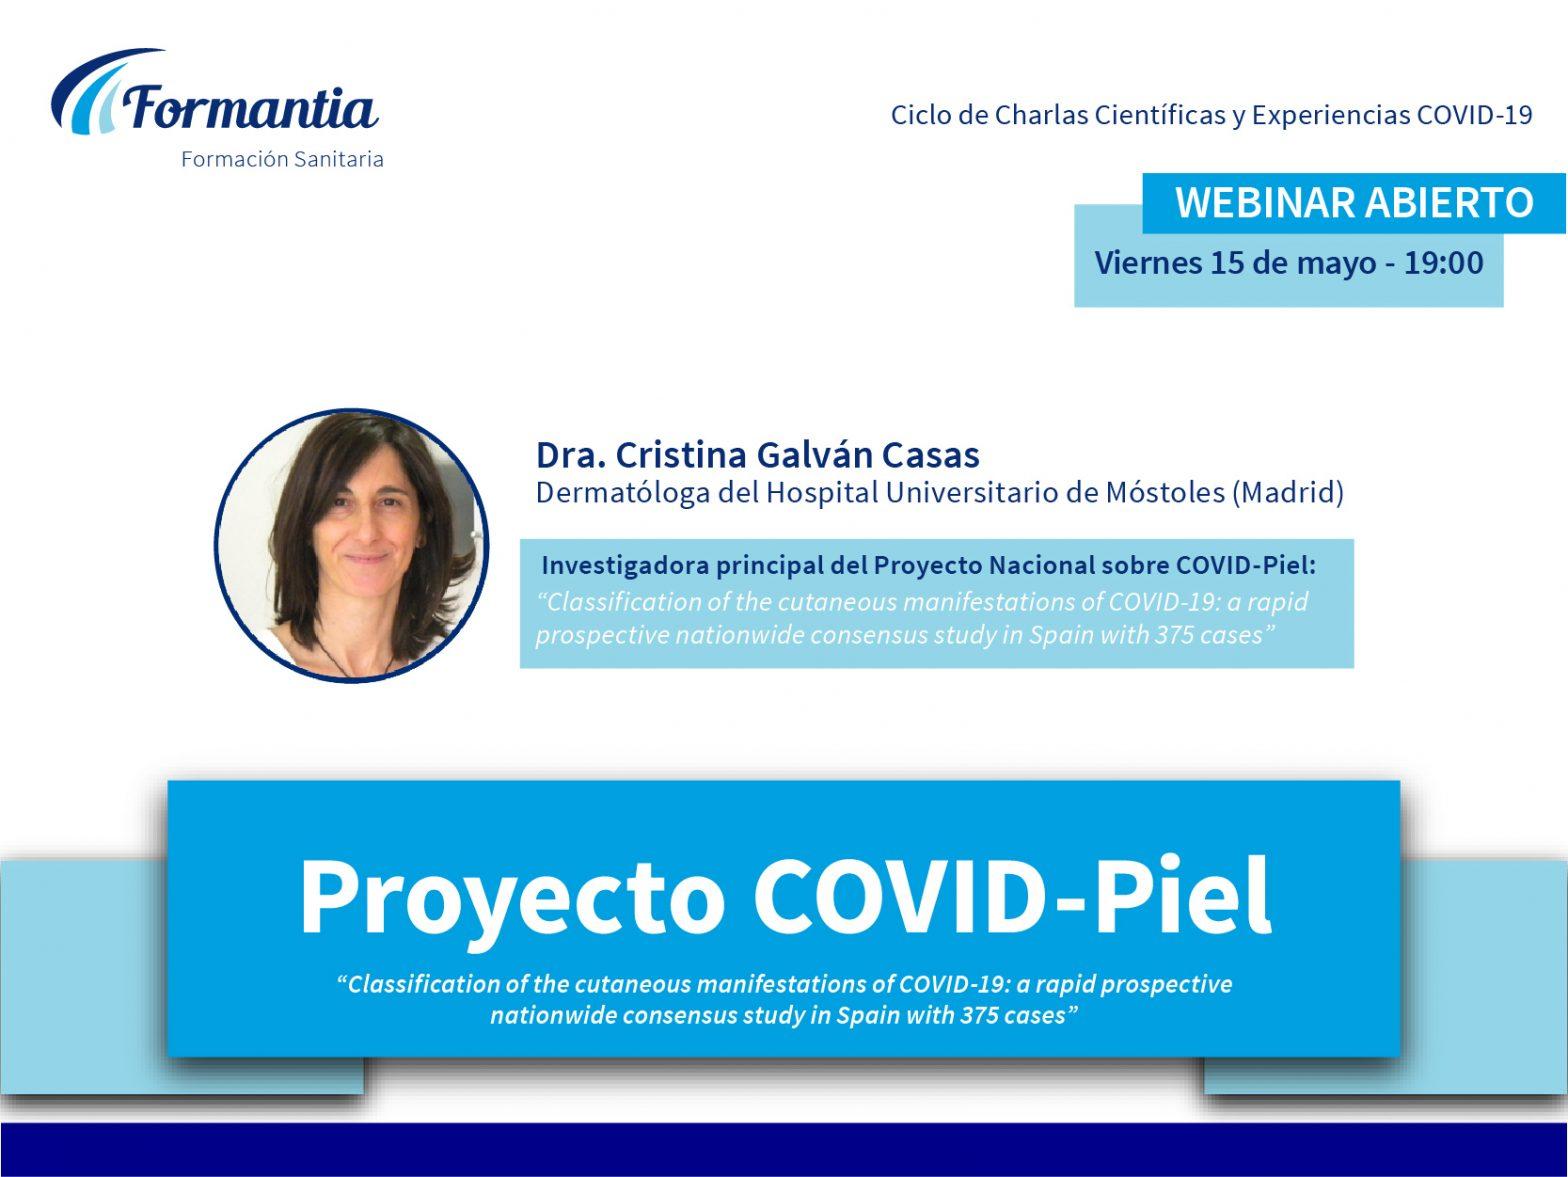 Proyecto COVID - Piel